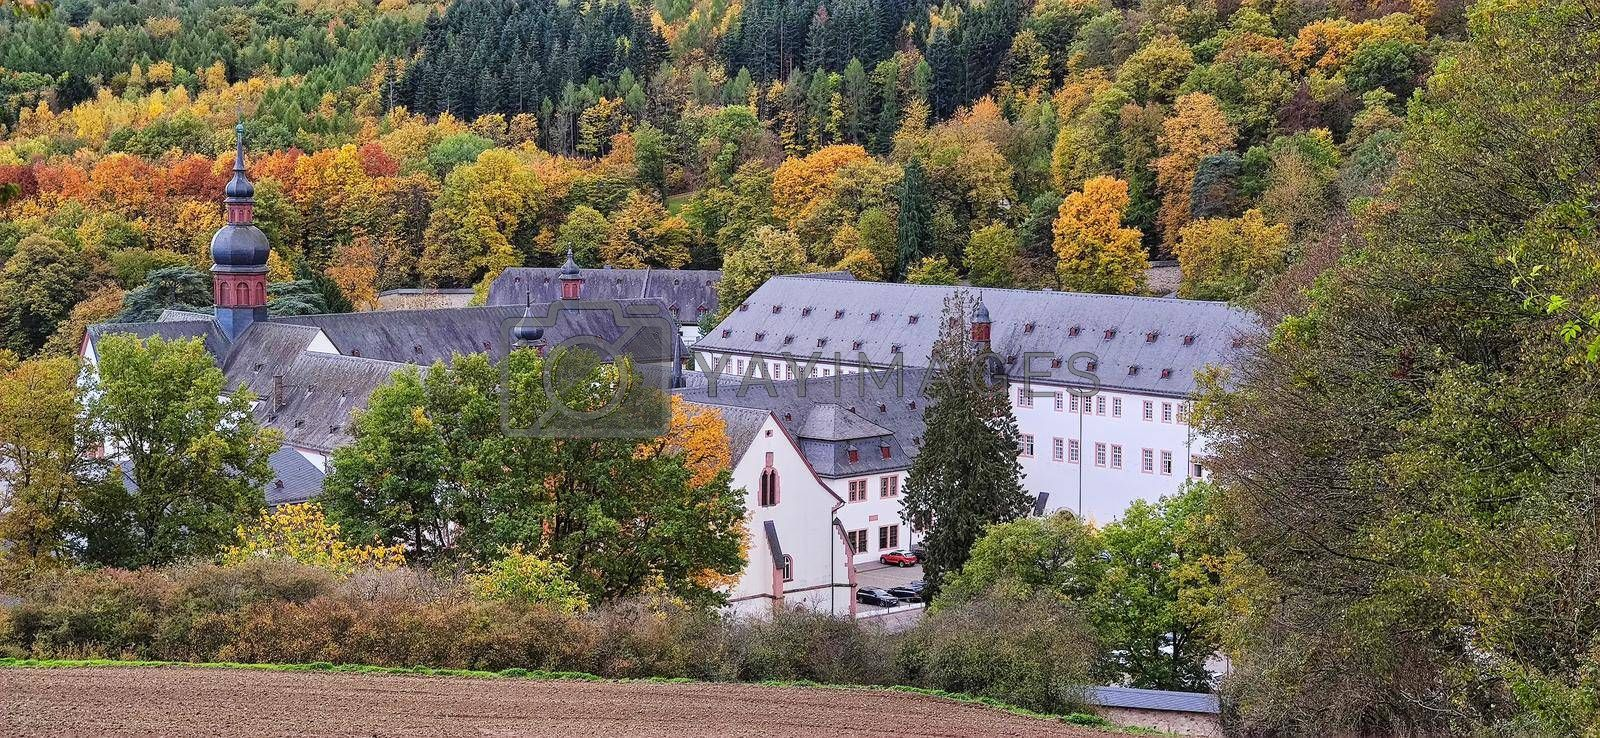 Monastery Ebersbach near Eltville in autumn